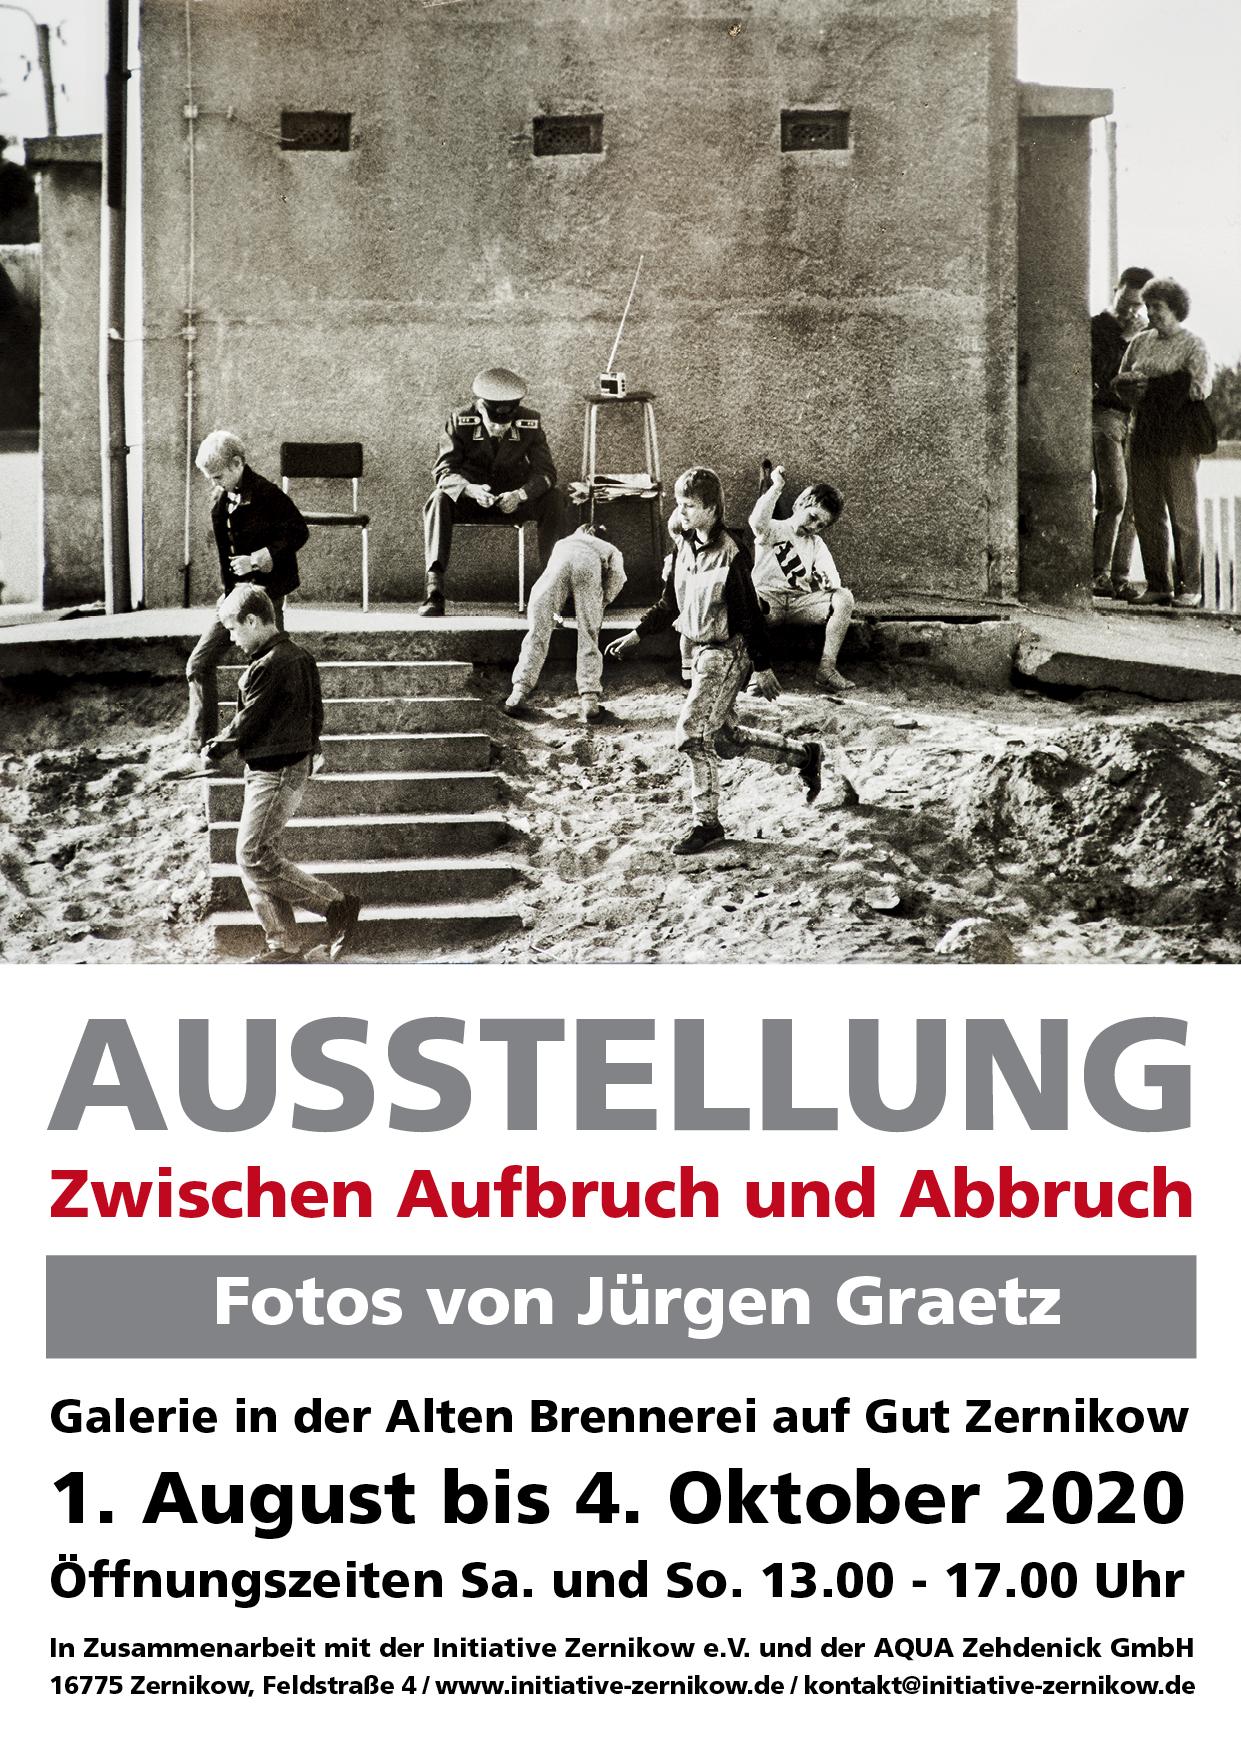 Fotoausstellung Jürgen Graetz